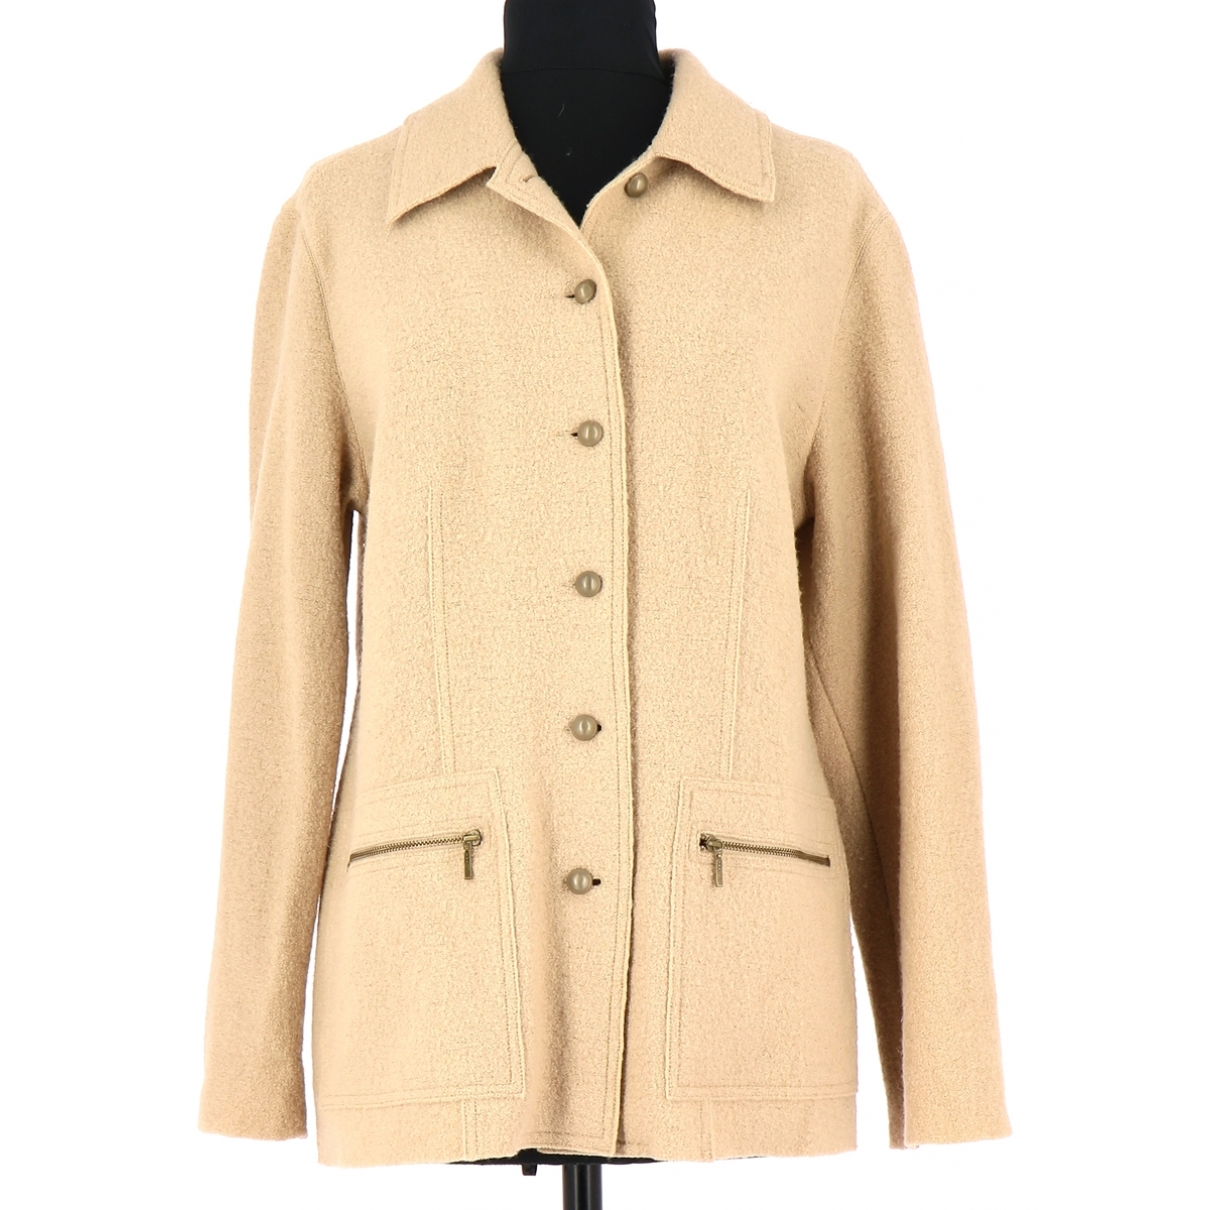 Gerard Darel \N Beige Wool jacket for Women 38 FR